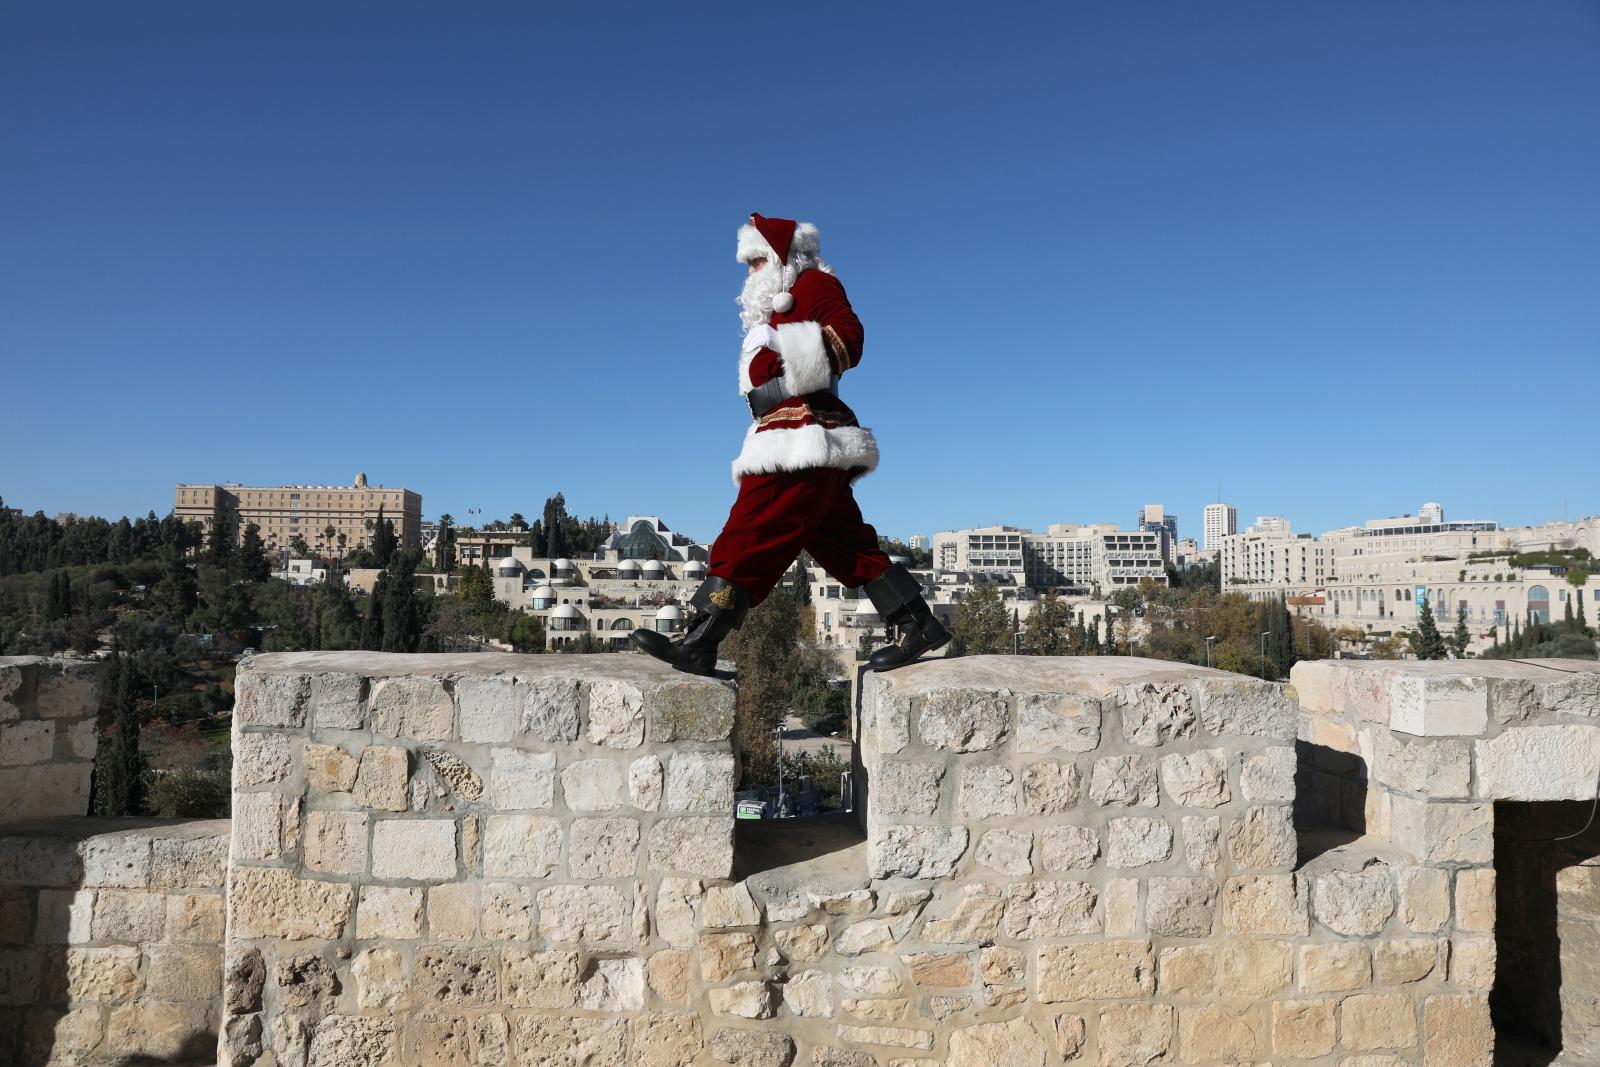 Święty Mikołaj spaceruje w Izraelu  EPA/ABIR SULTAN